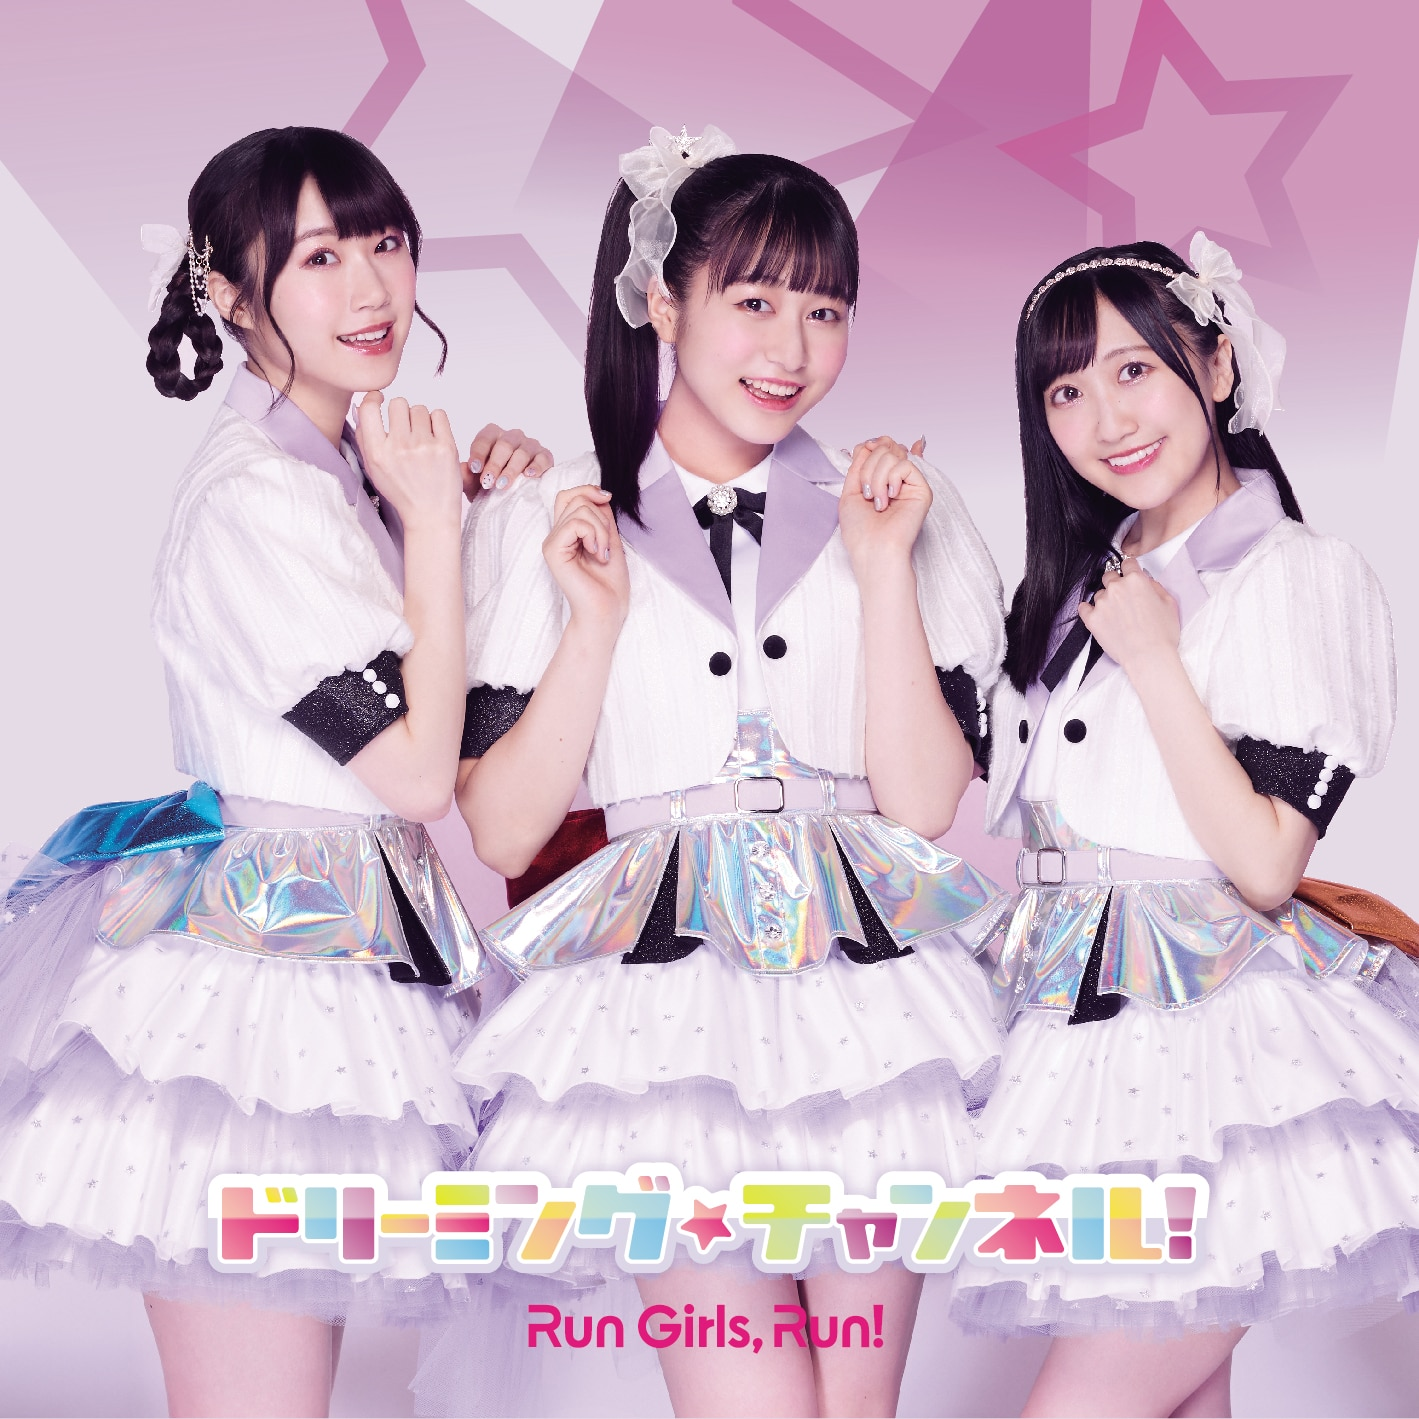 5月19日シングルリリース記念配信特番が配信決定!